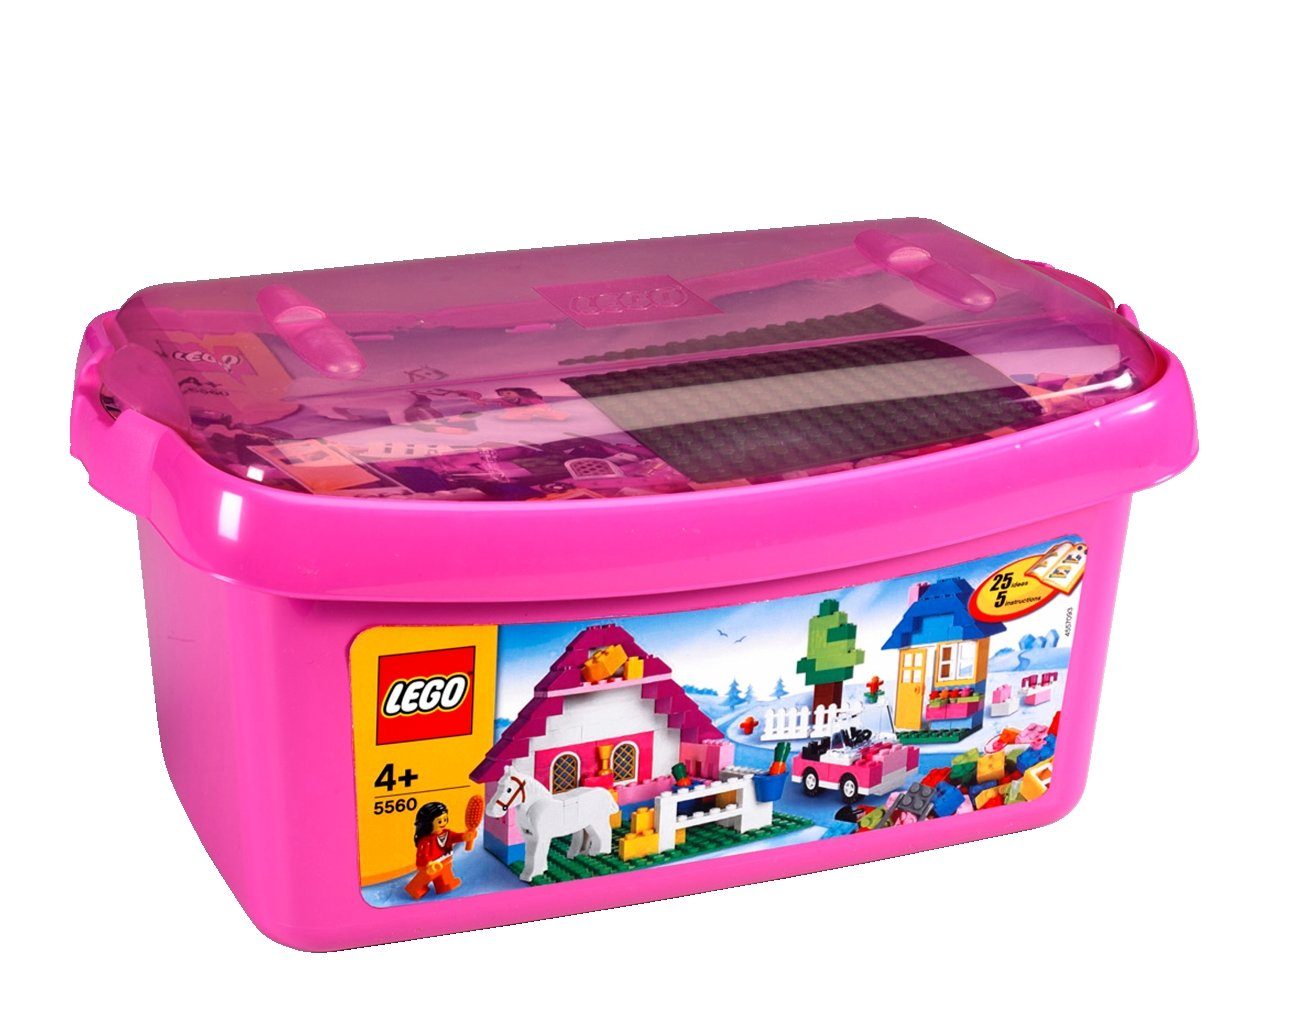 lego 5560 briques jeu de construction grande bote filles amazonfr jeux et jouets